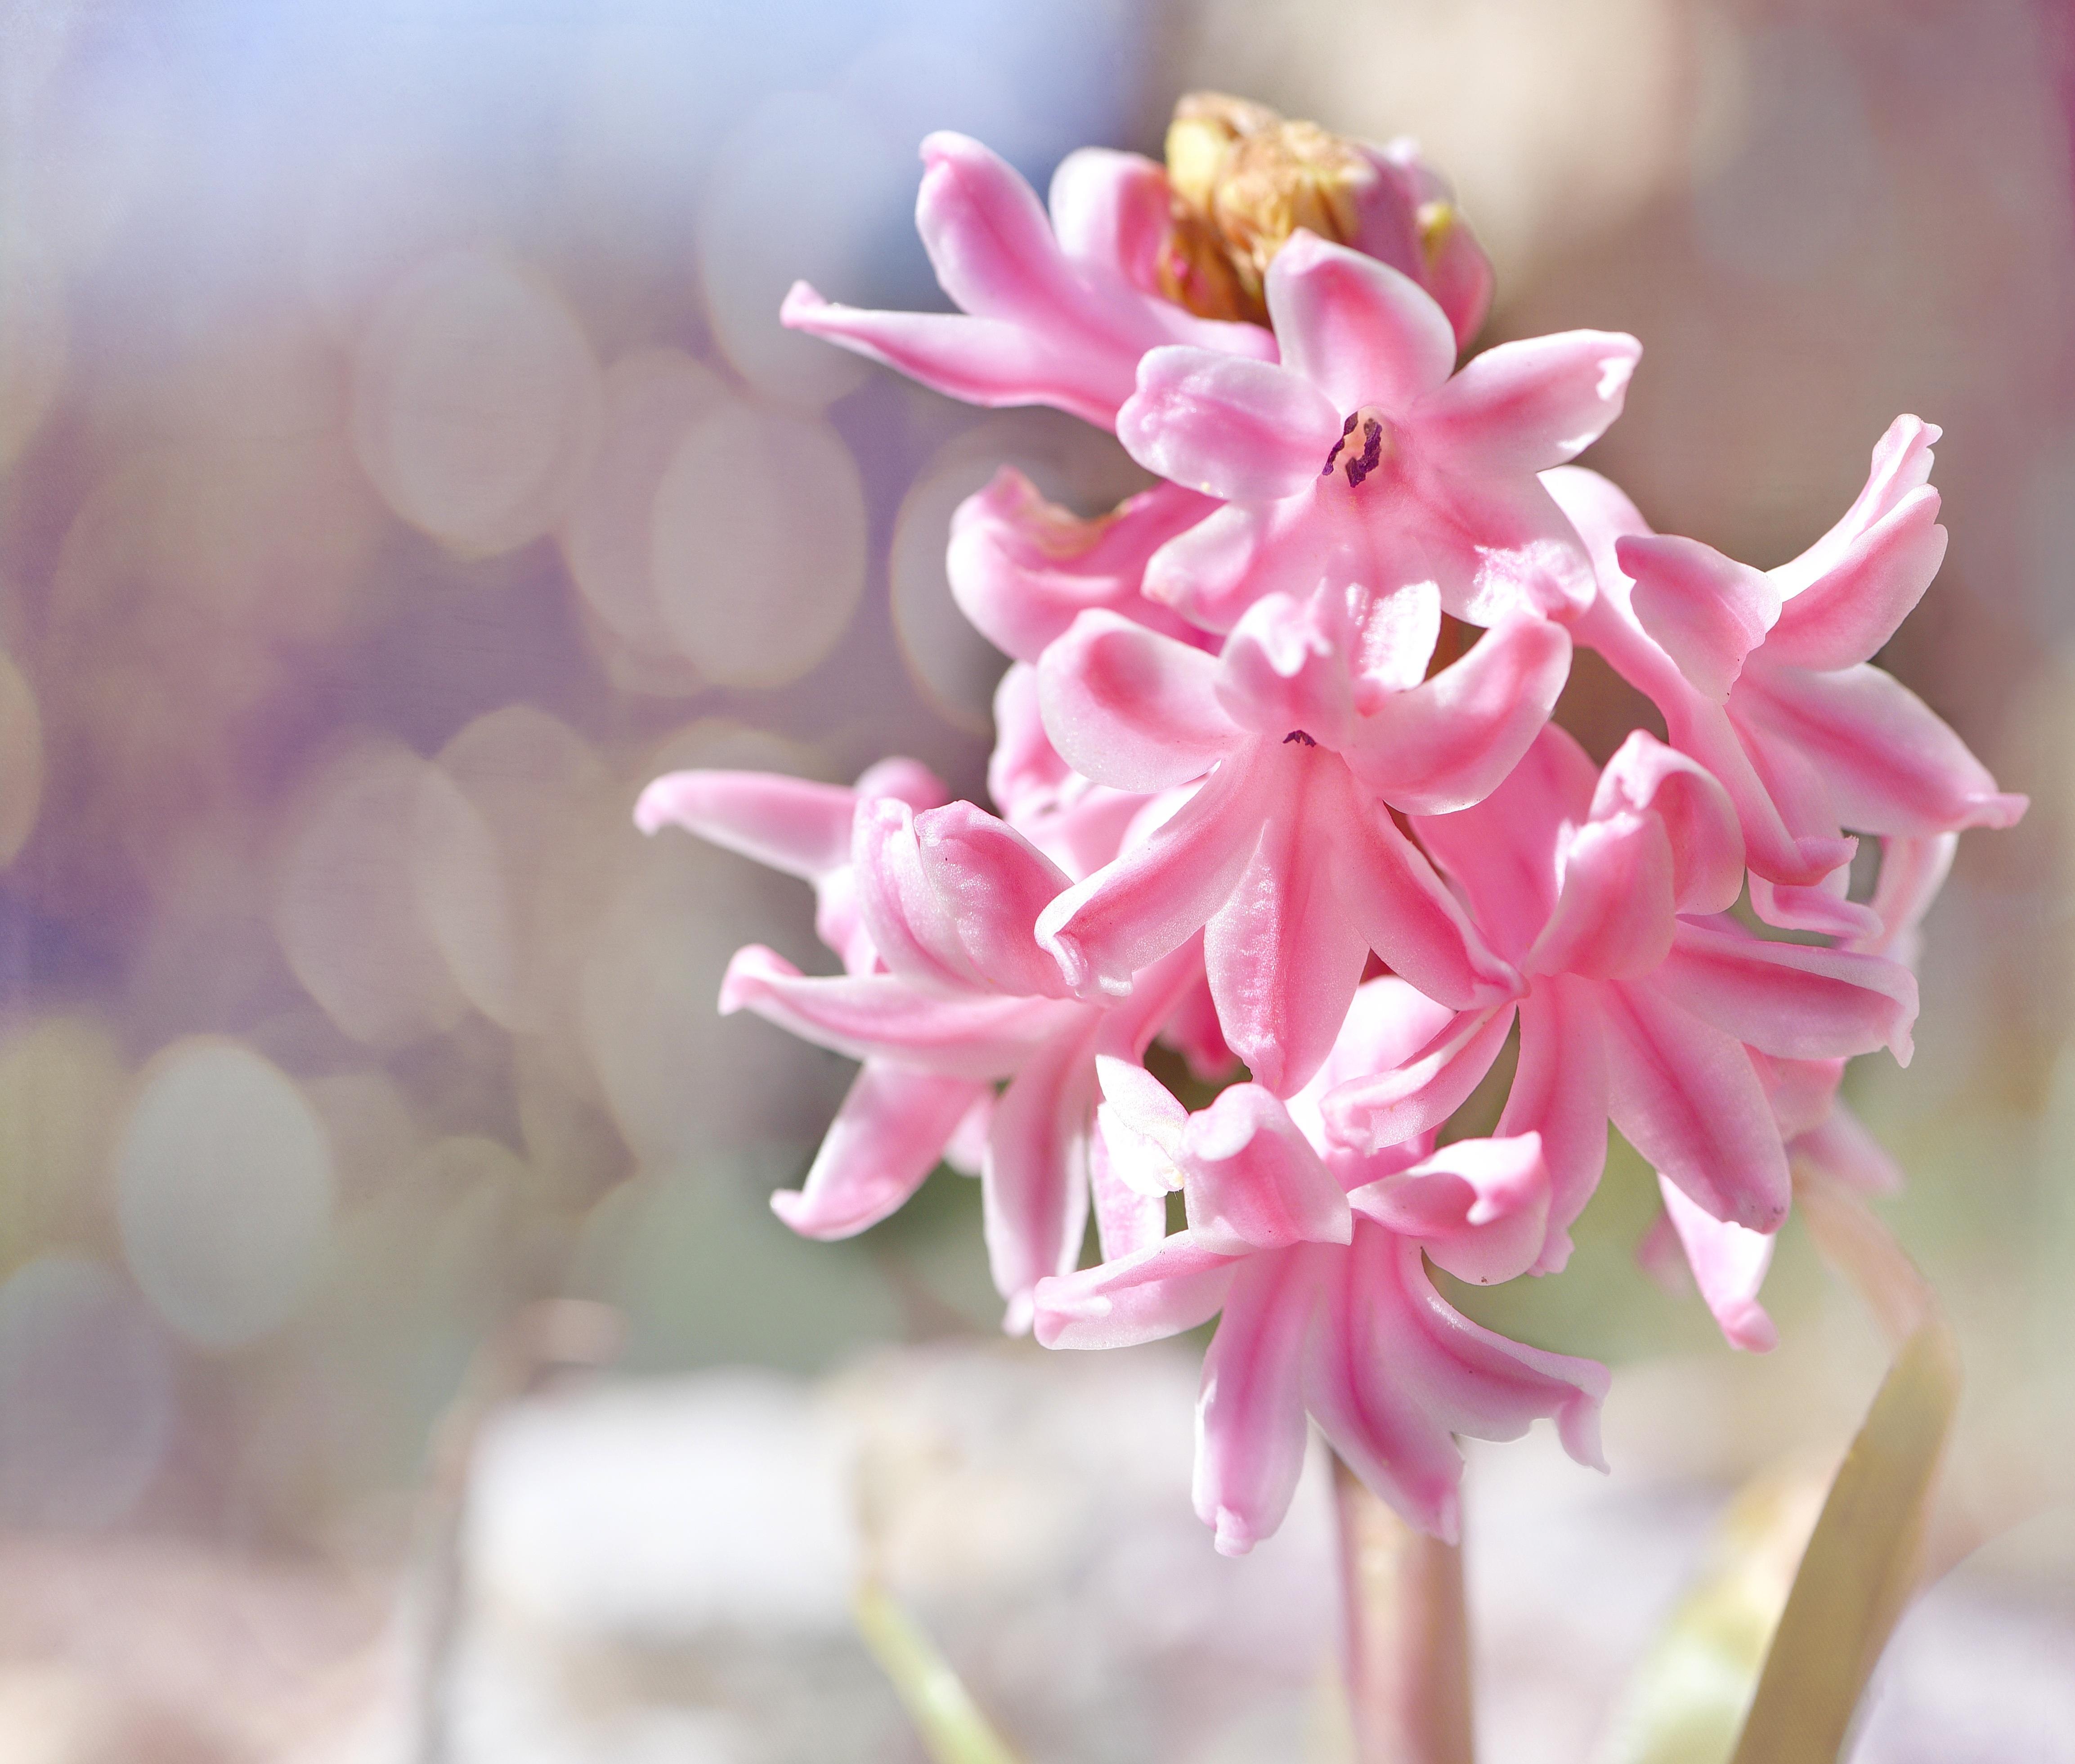 Images Gratuites : la nature, pétale, botanique, jardin, rose ...